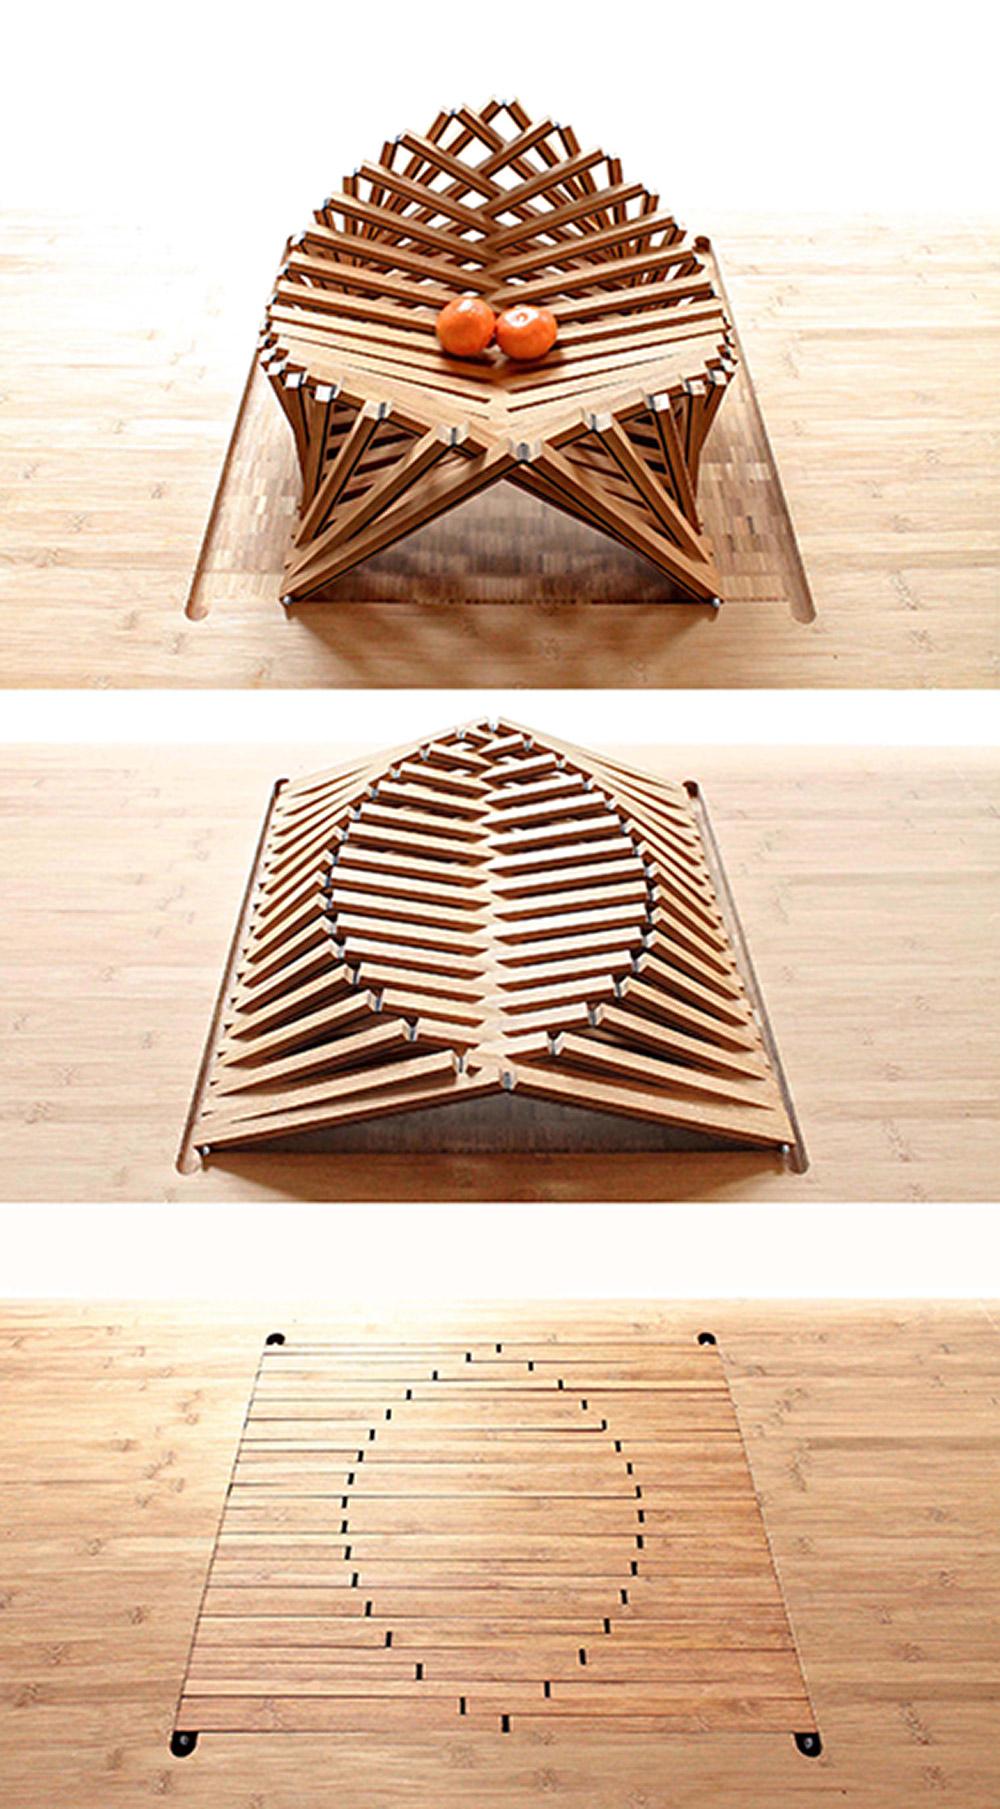 מתקפלת ומתמזגת עם משטח השולחן בתנועה אחת קלה ורציפה